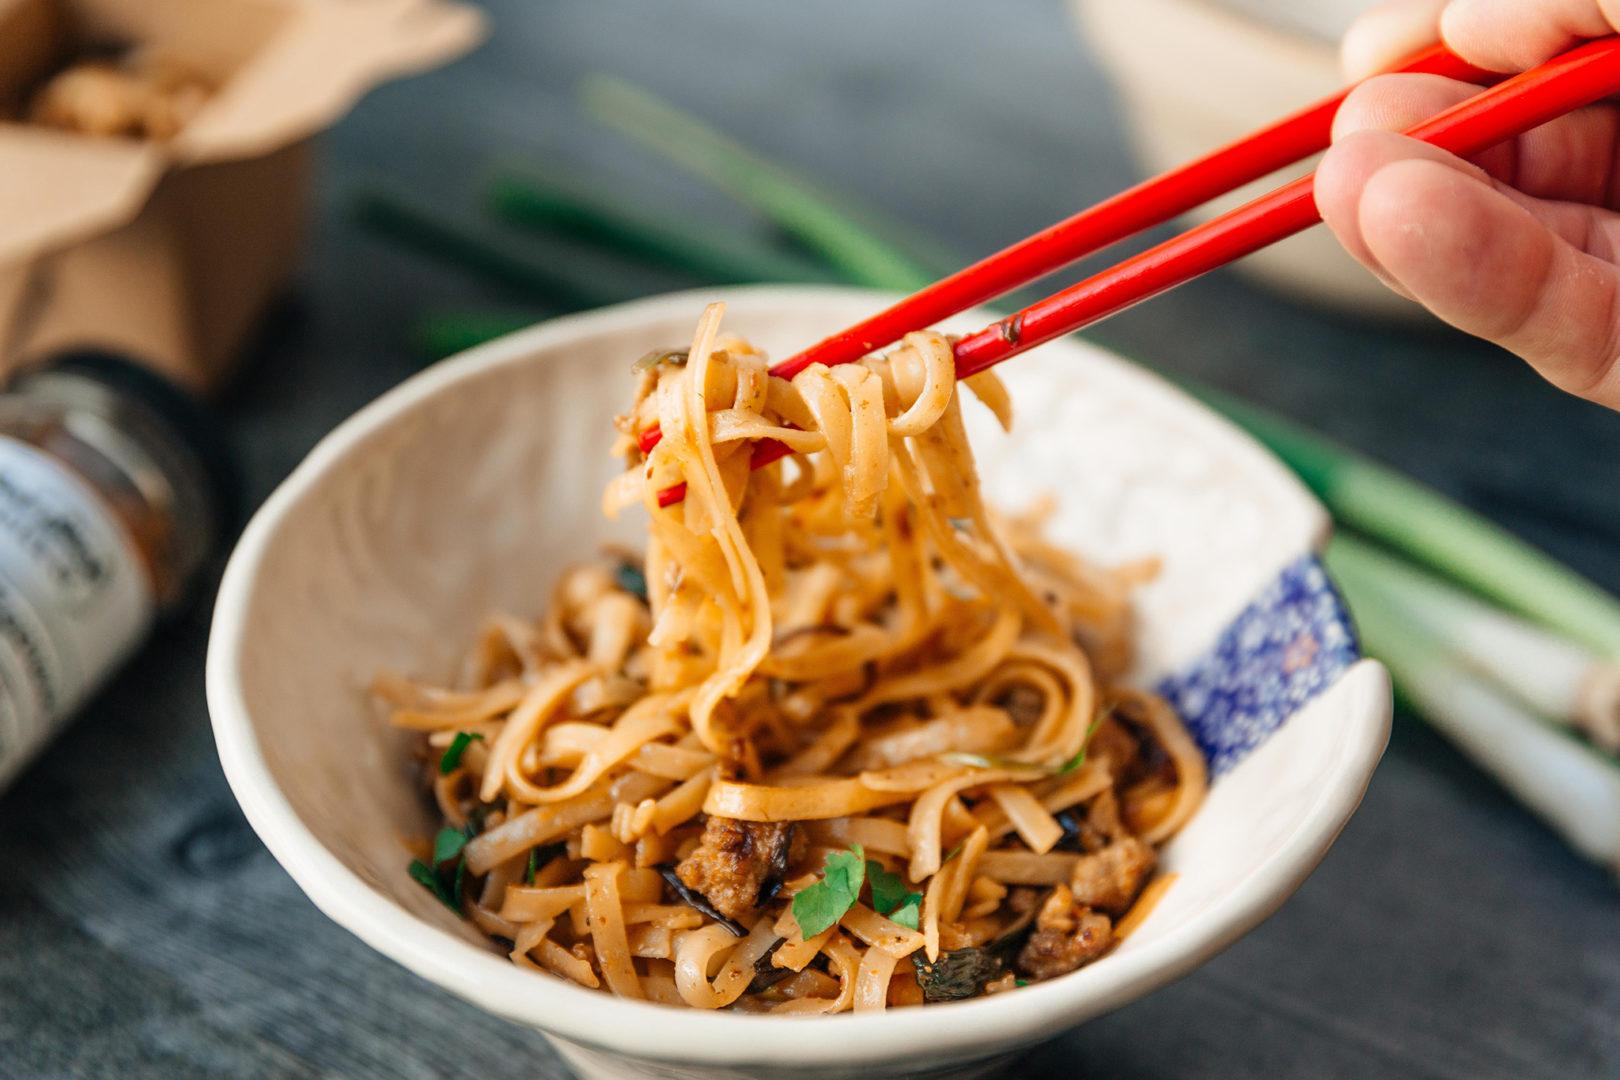 Quick Shanghai style noodles